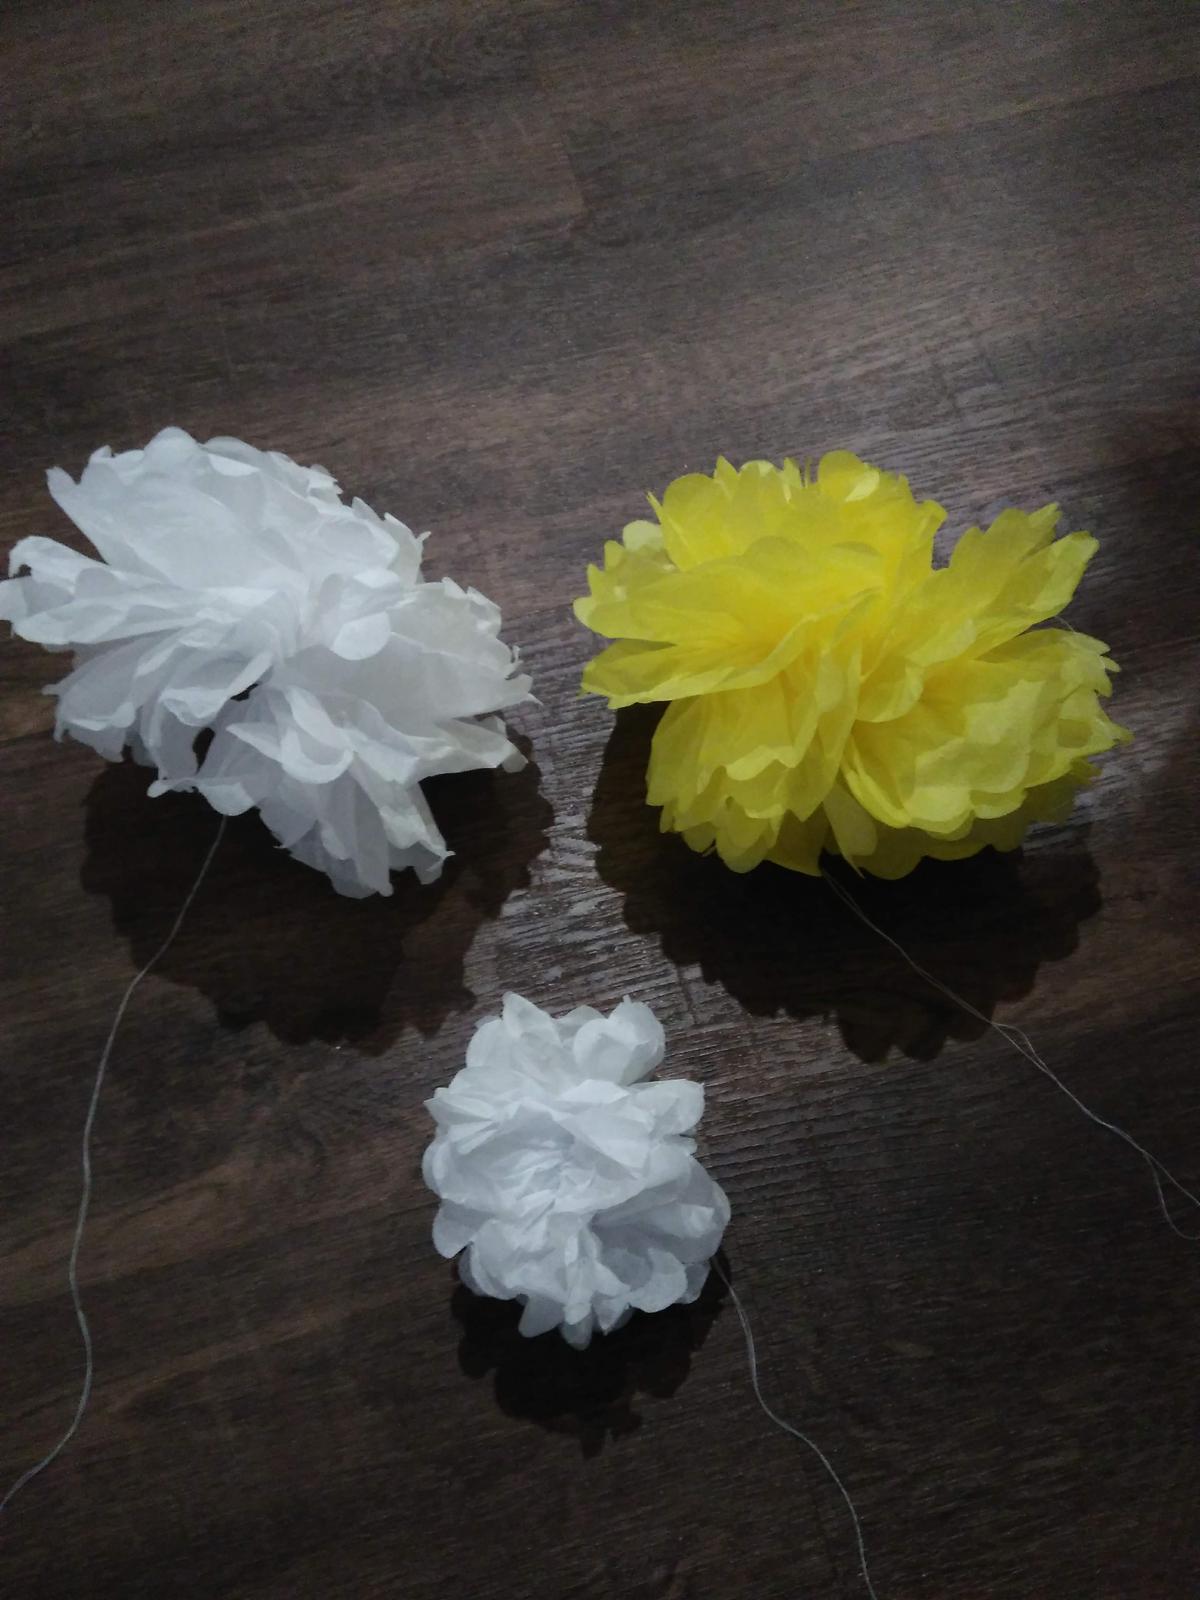 Pom poms (pompóny) - žluté a bílé - Obrázek č. 1